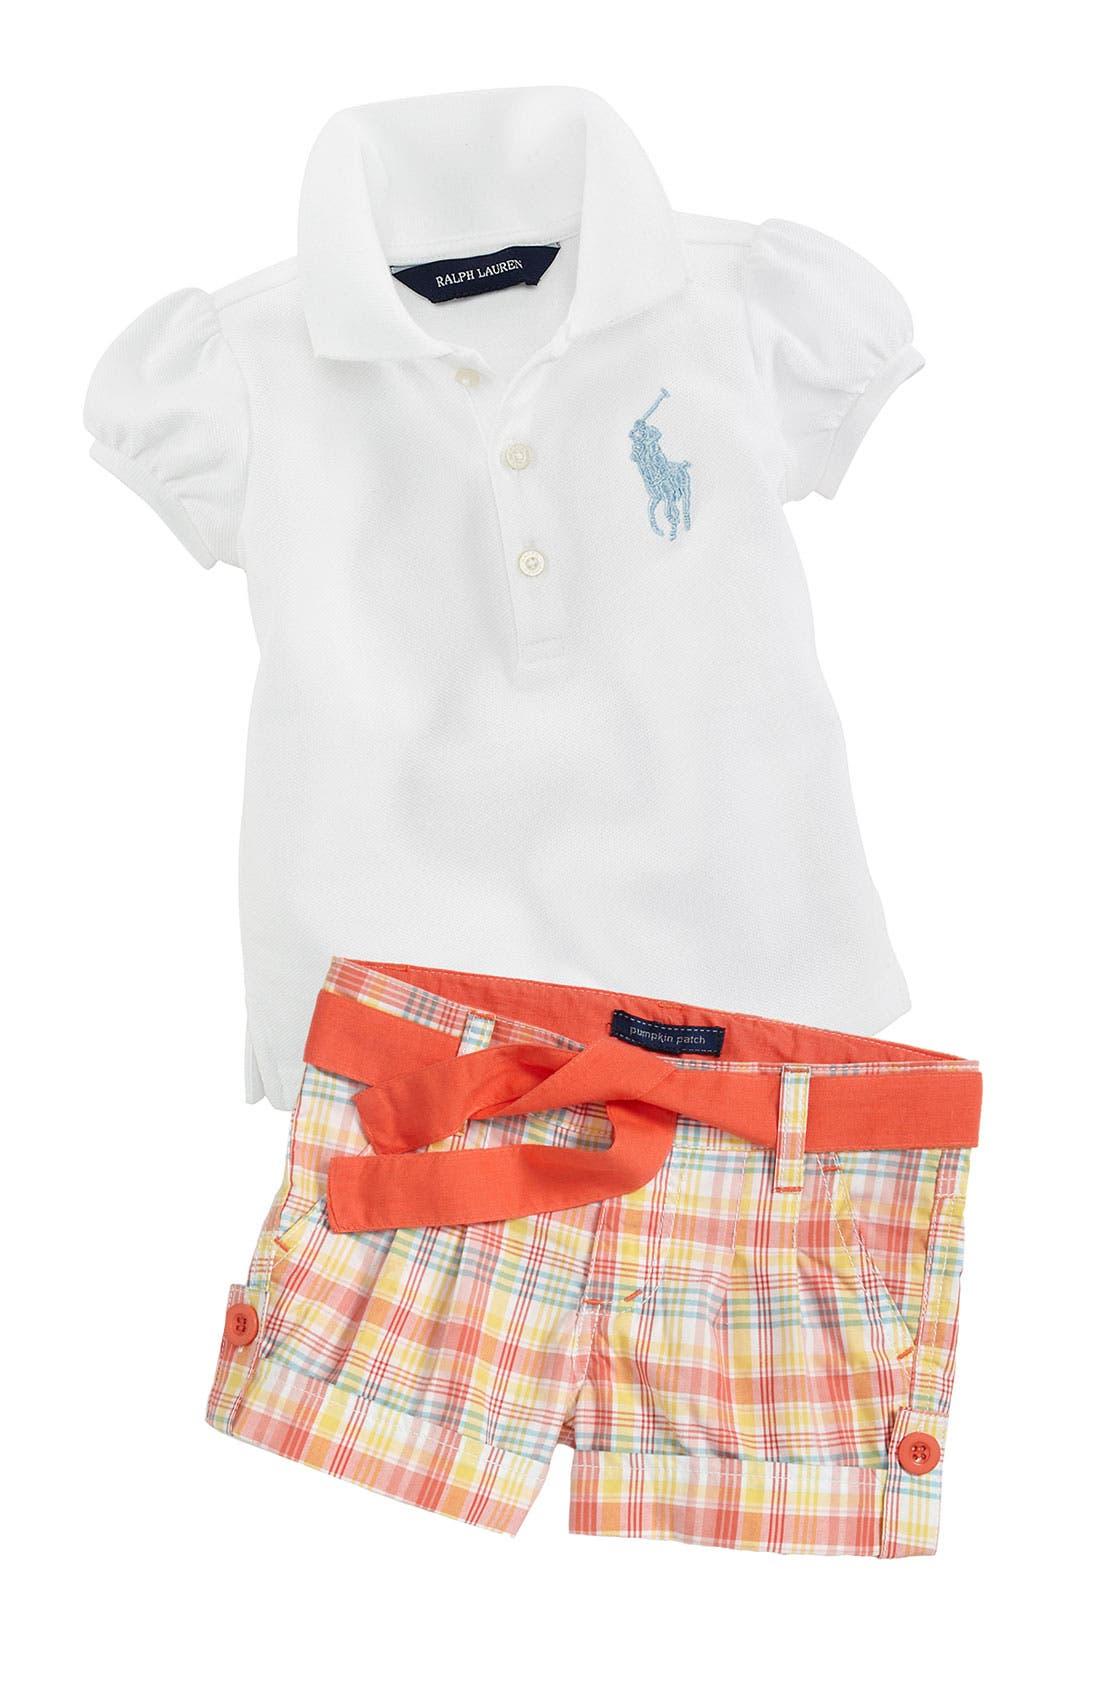 Main Image - Ralph Lauren Shirt & Pumpkin Patch Shorts (Infant)